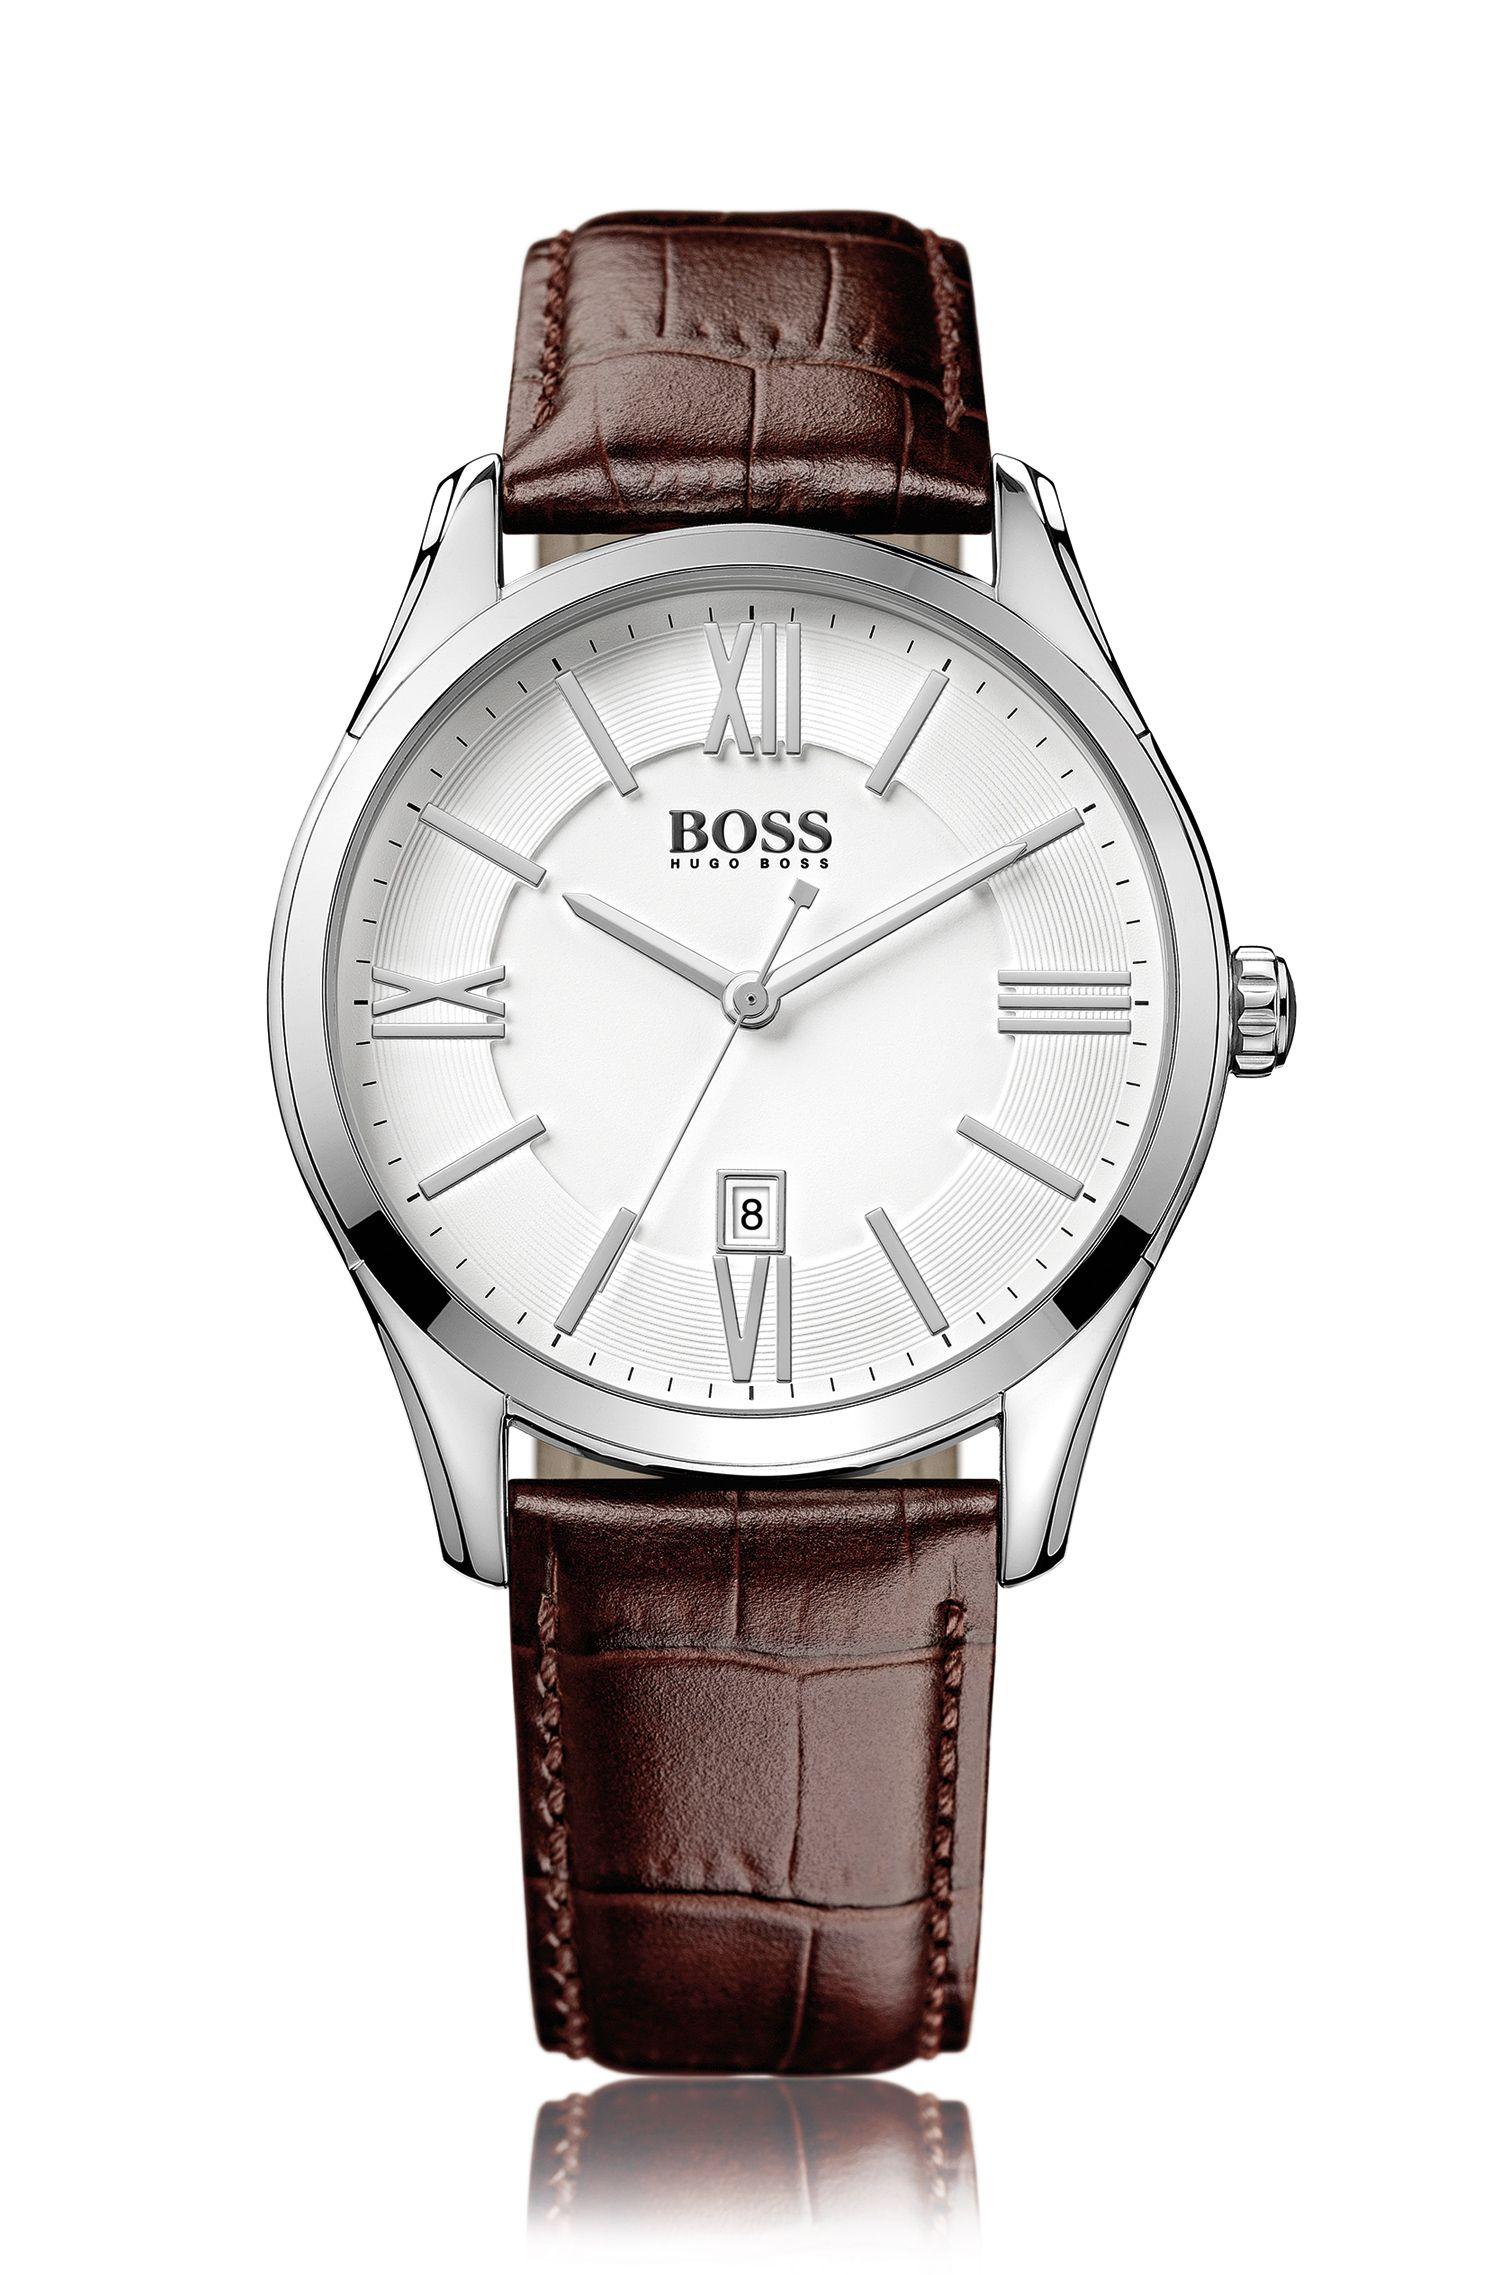 Reloj de tres manecillas en acero inoxidable pulido con esfera blanca y correa de piel